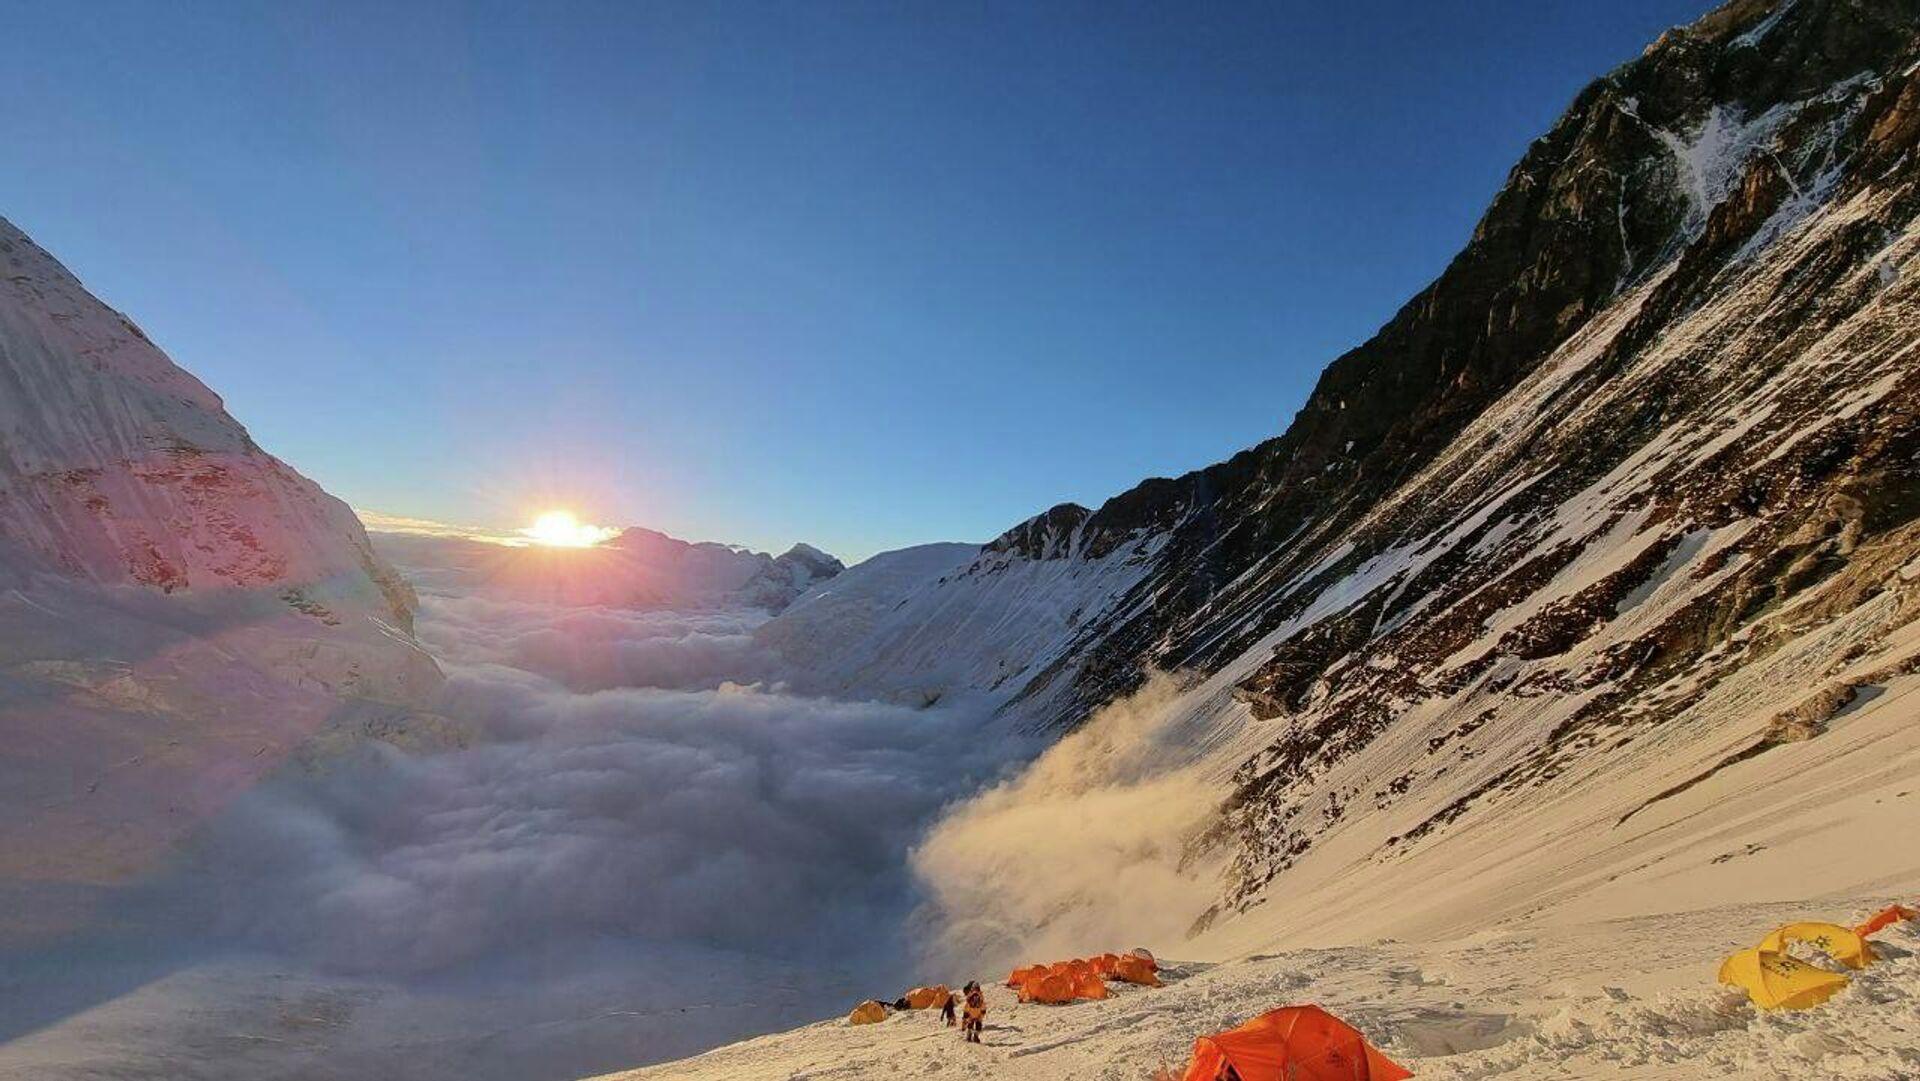 Альп лагерь в районе горы Эверест - Sputnik Таджикистан, 1920, 11.08.2021